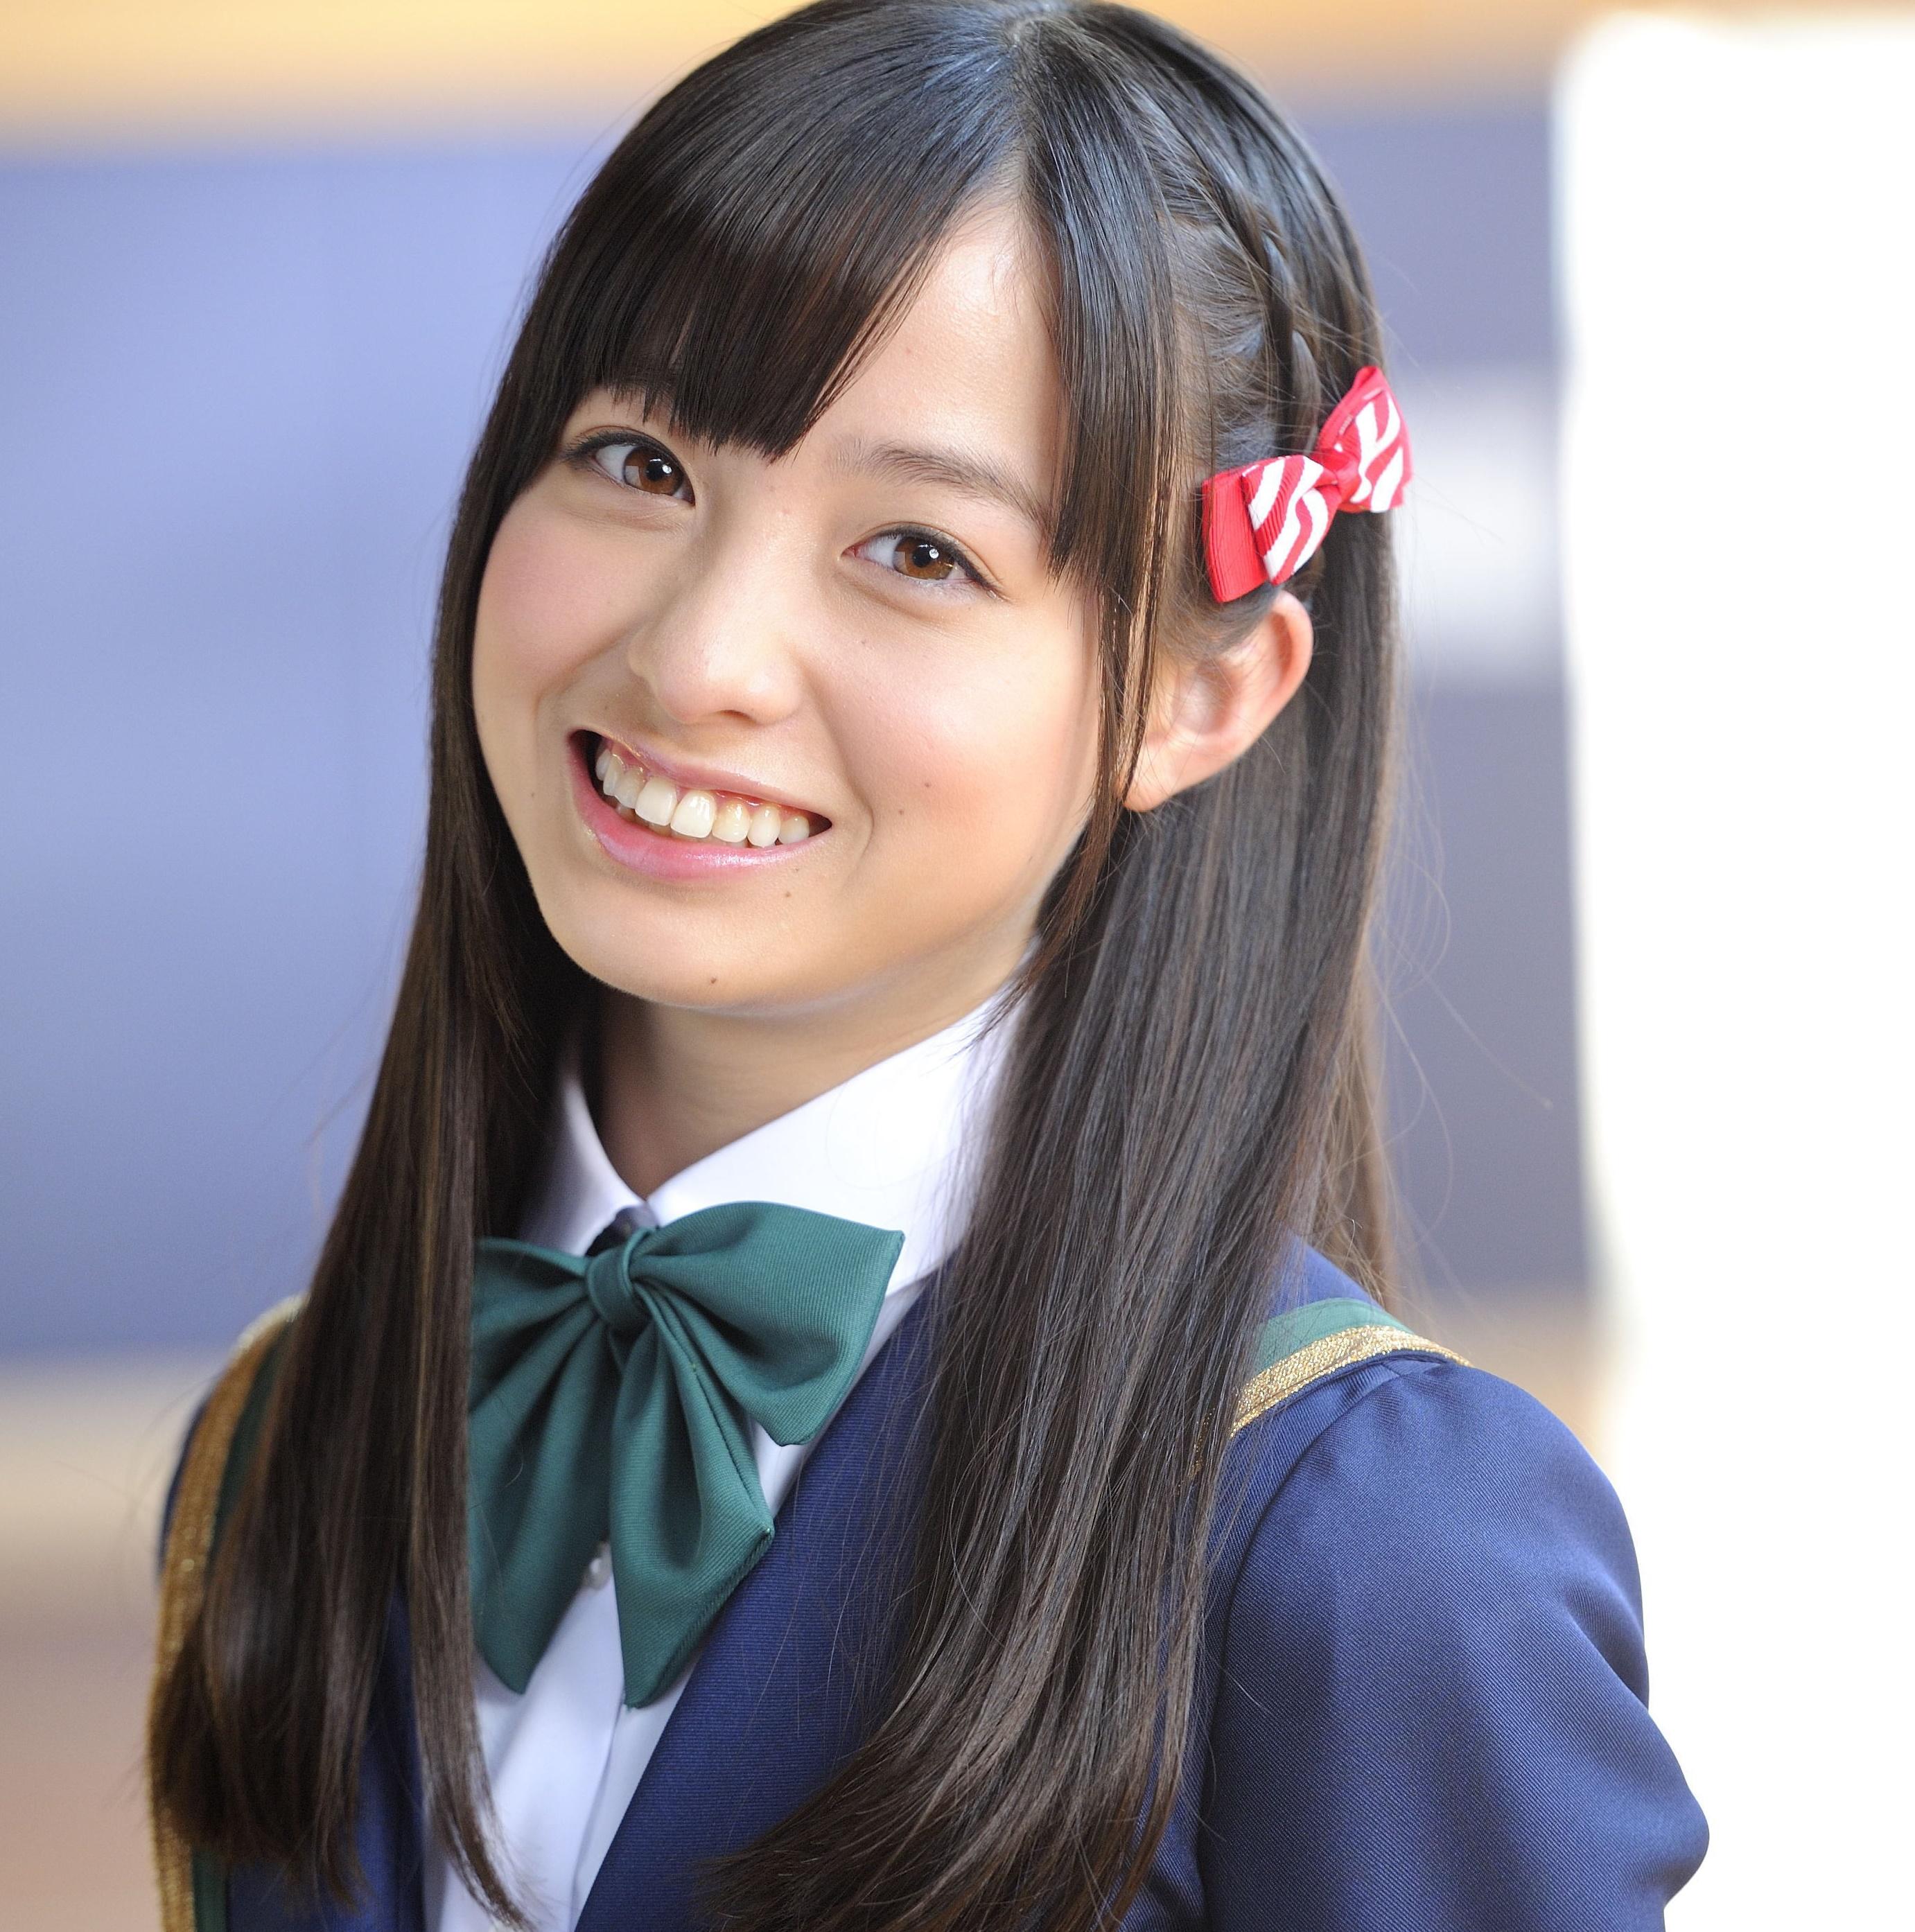 1000年に1度の奇跡の美少女、橋本環奈ちゃん!!でも声が・・・!?のサムネイル画像